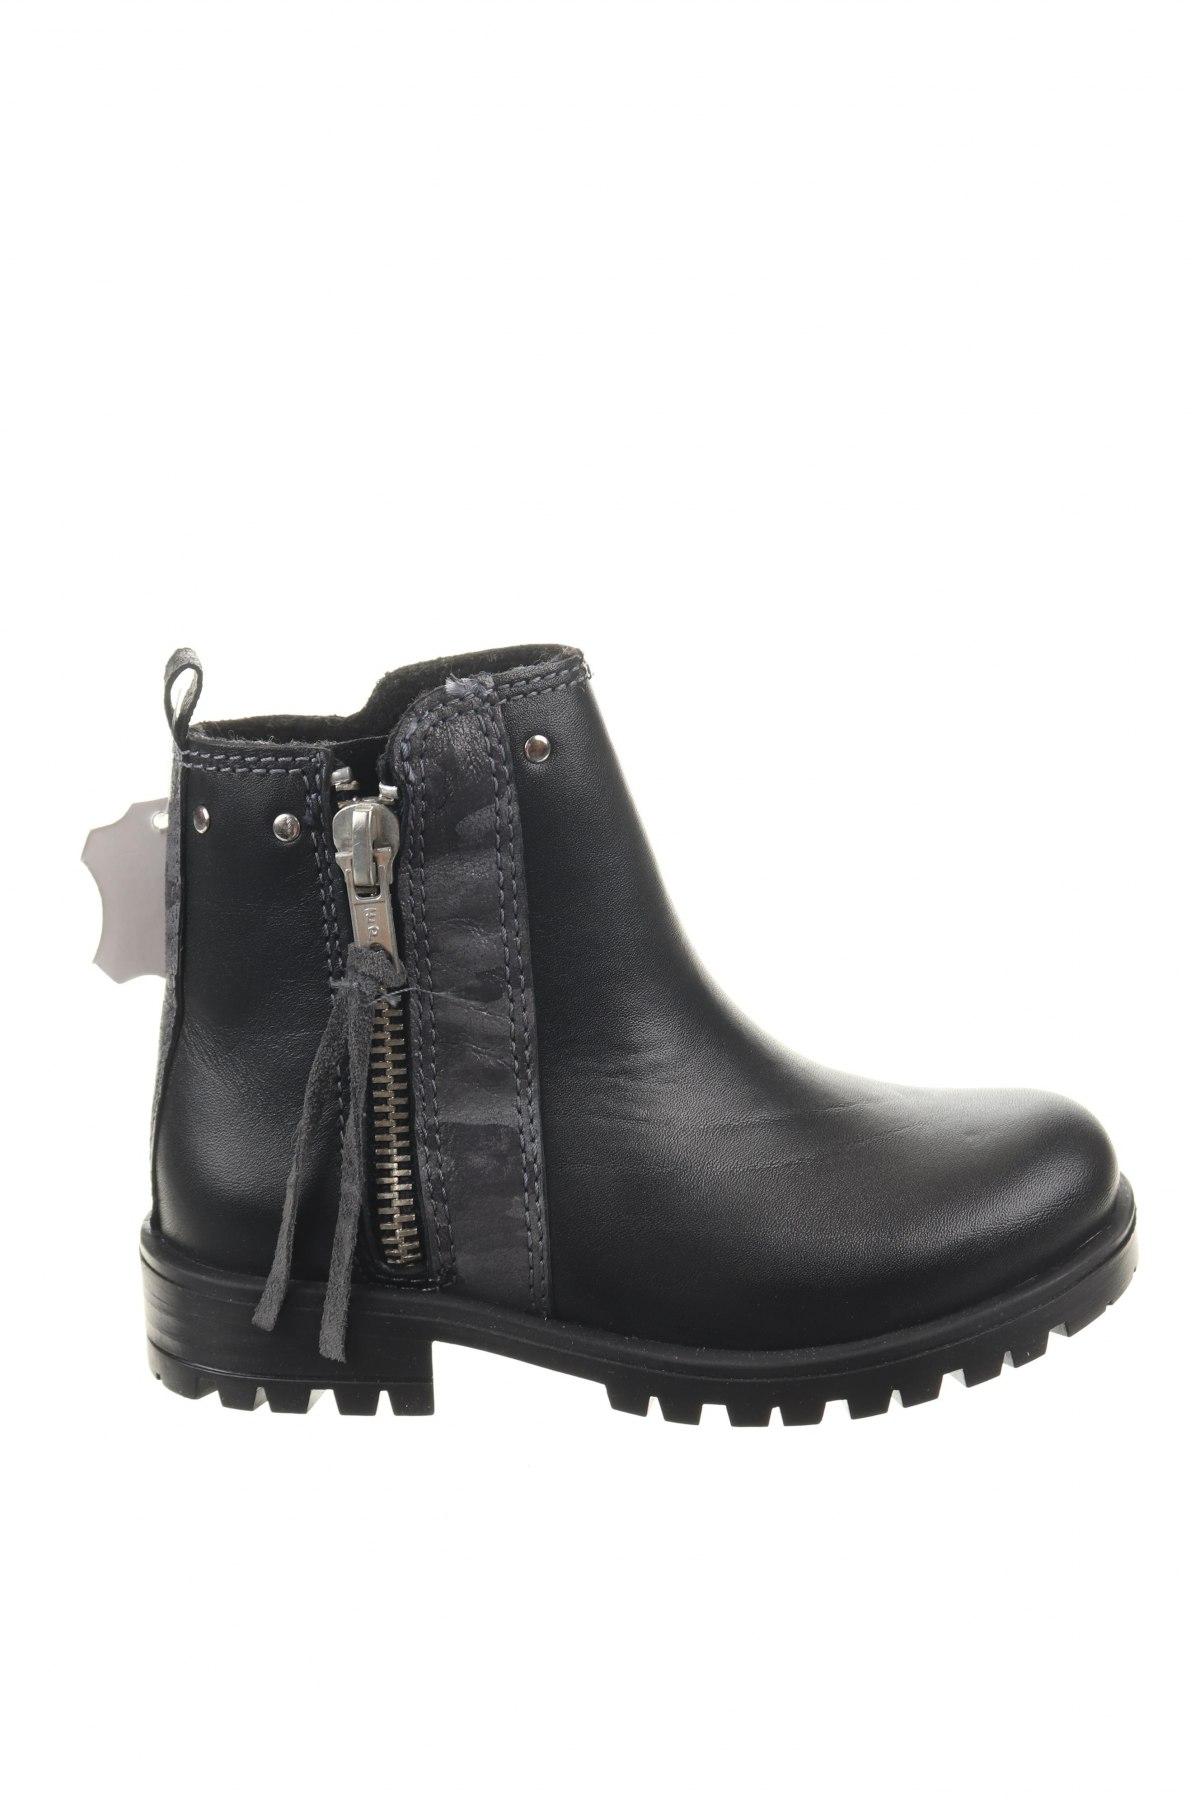 Παιδικά παπούτσια Saxo Blues, Μέγεθος 25, Χρώμα Μαύρο, Γνήσιο δέρμα, Τιμή 12,99€